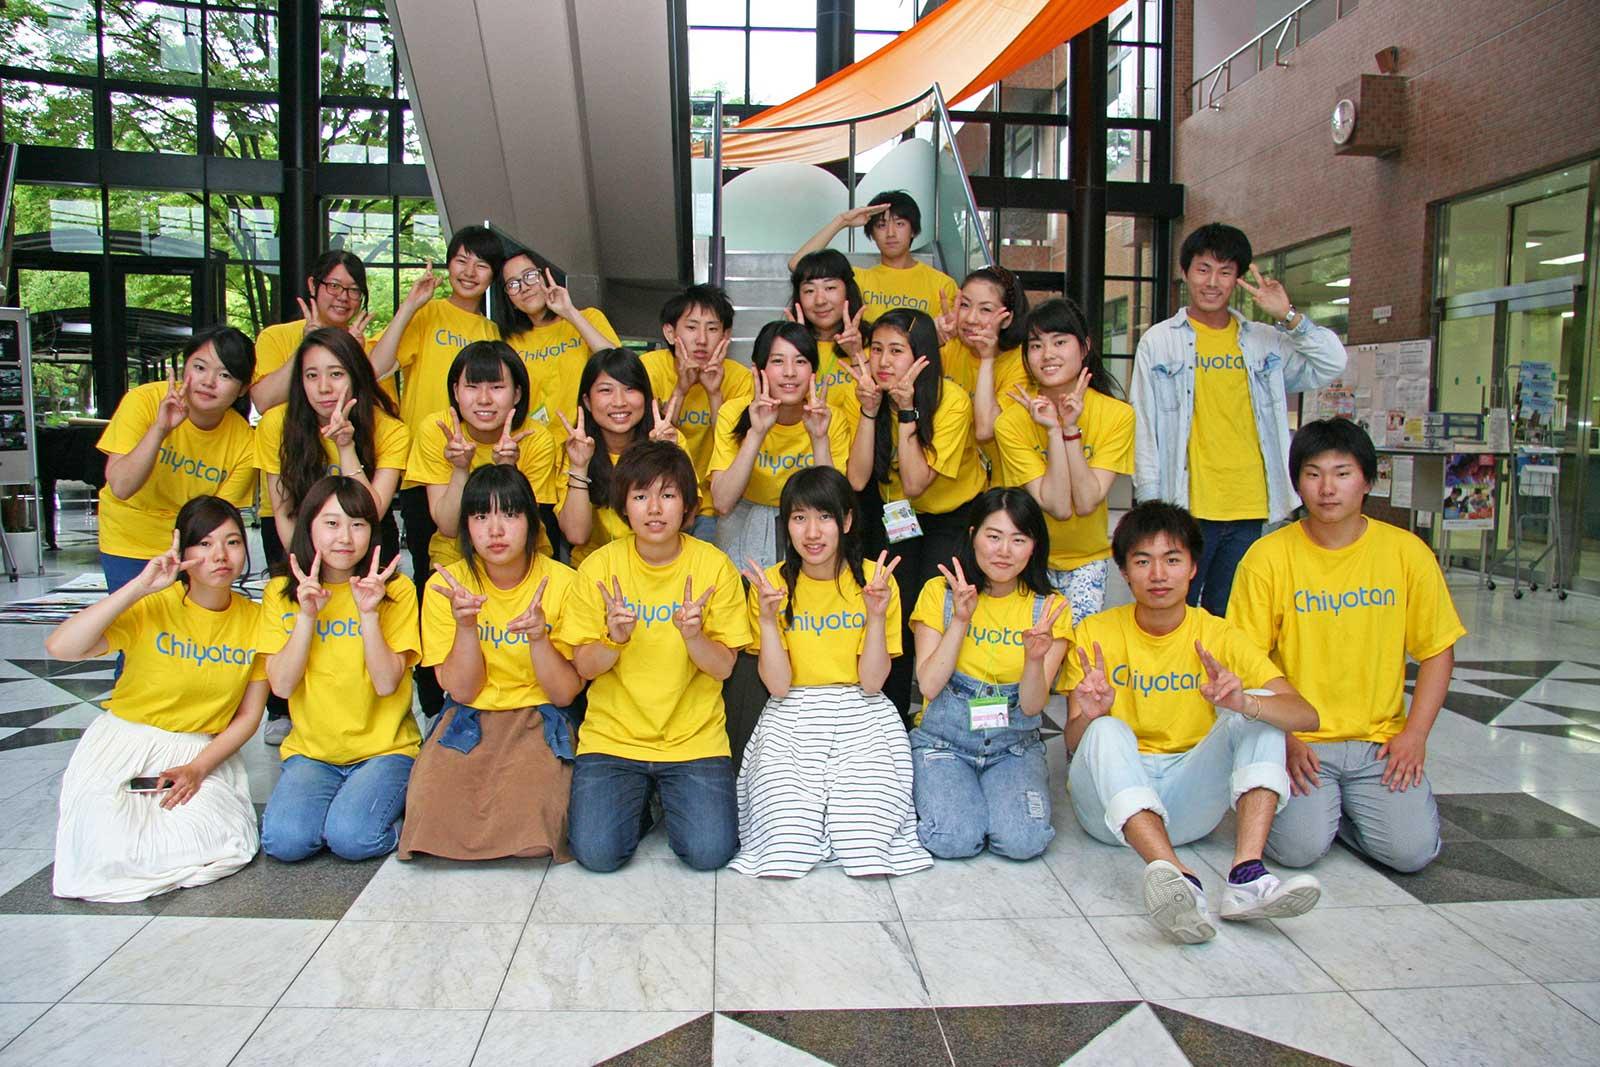 7月10日(日)オープンキャンパスを開催します